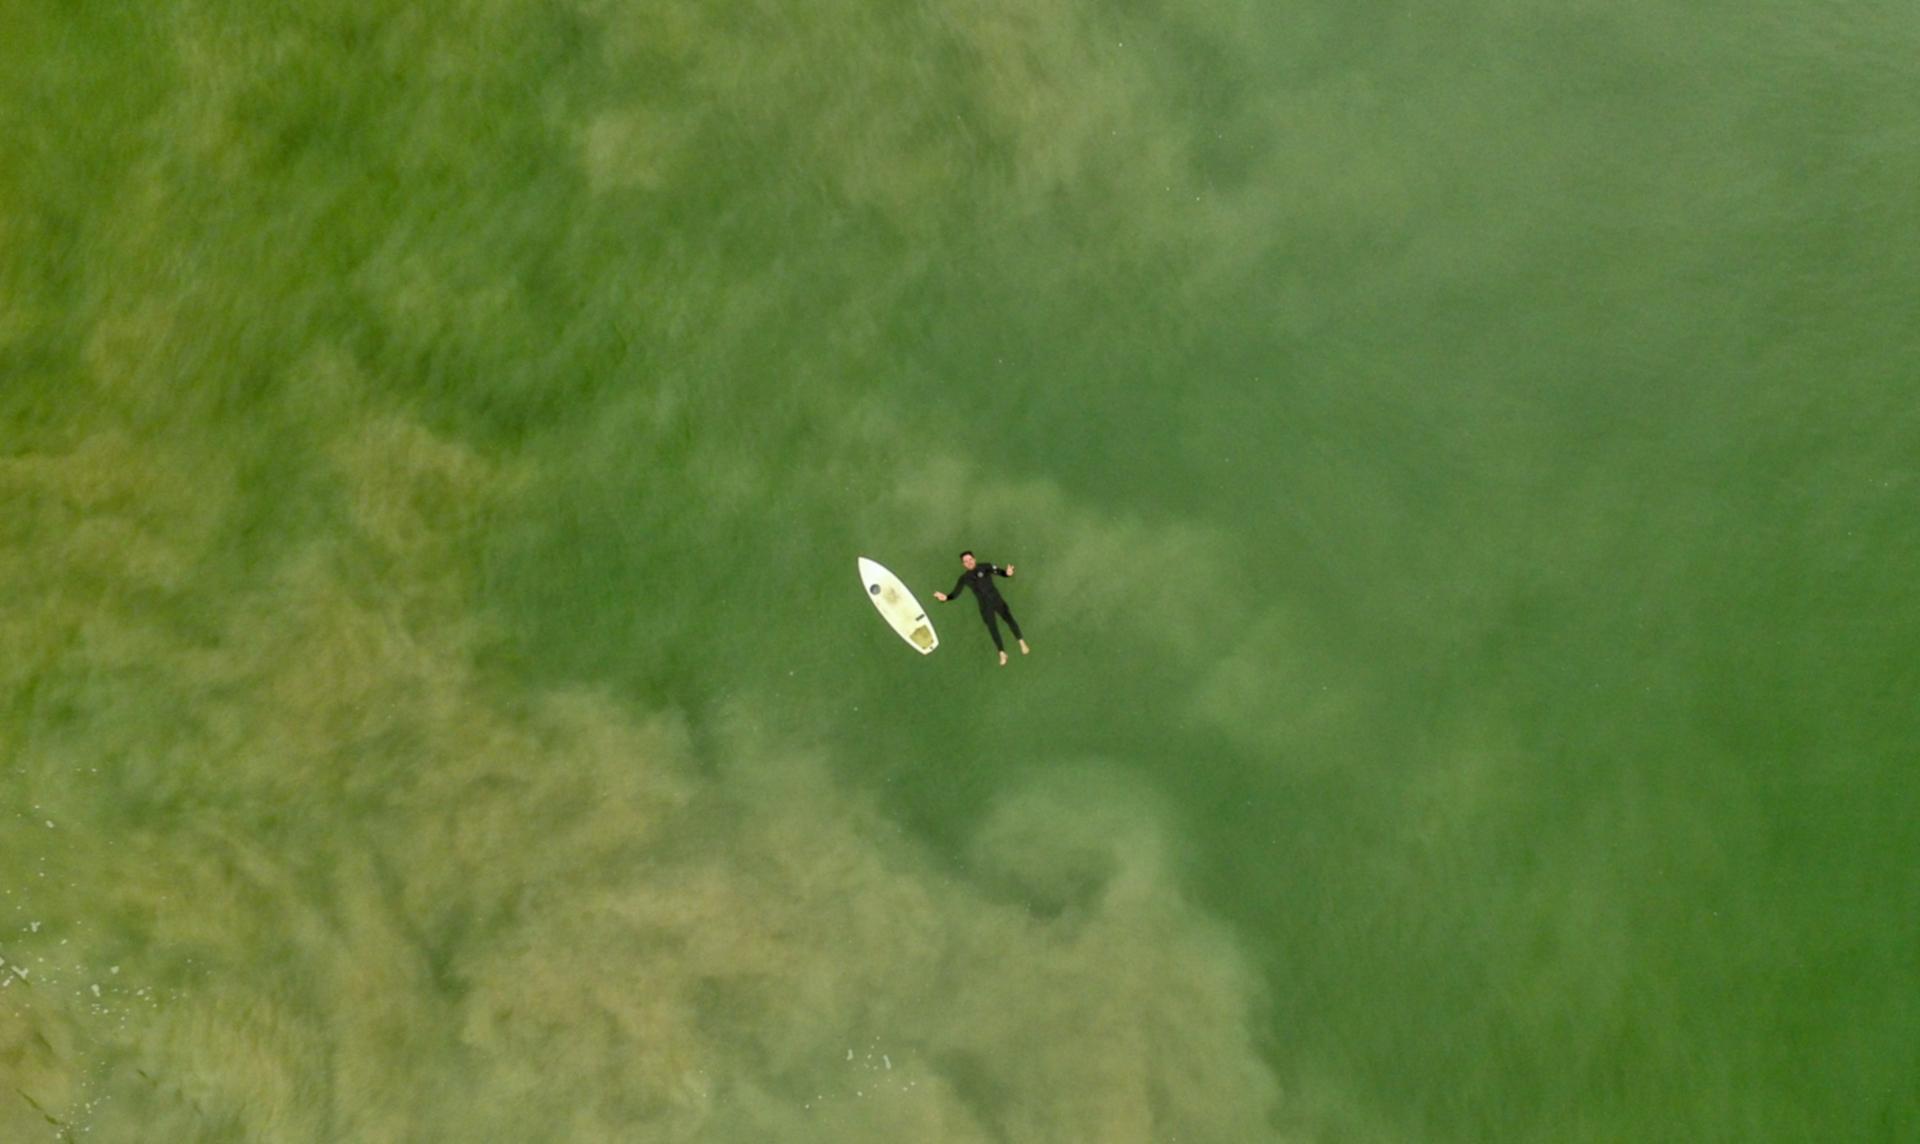 Surfen und Umwelt: Surfer treibt in Meer von Algen